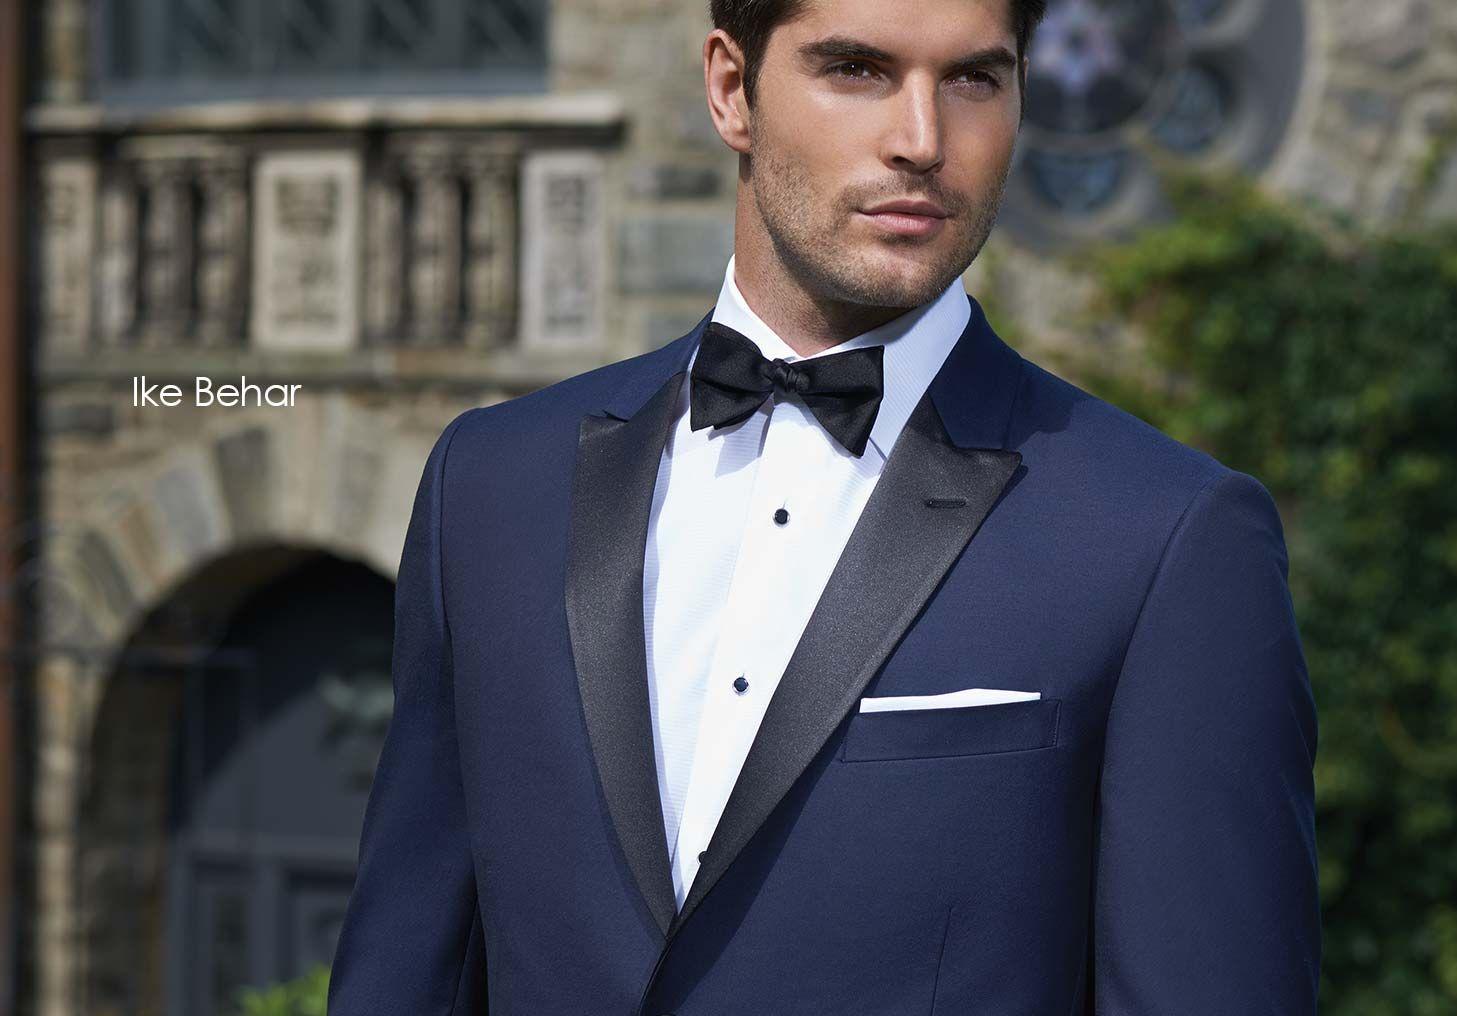 Men Tuxedo For Weddings